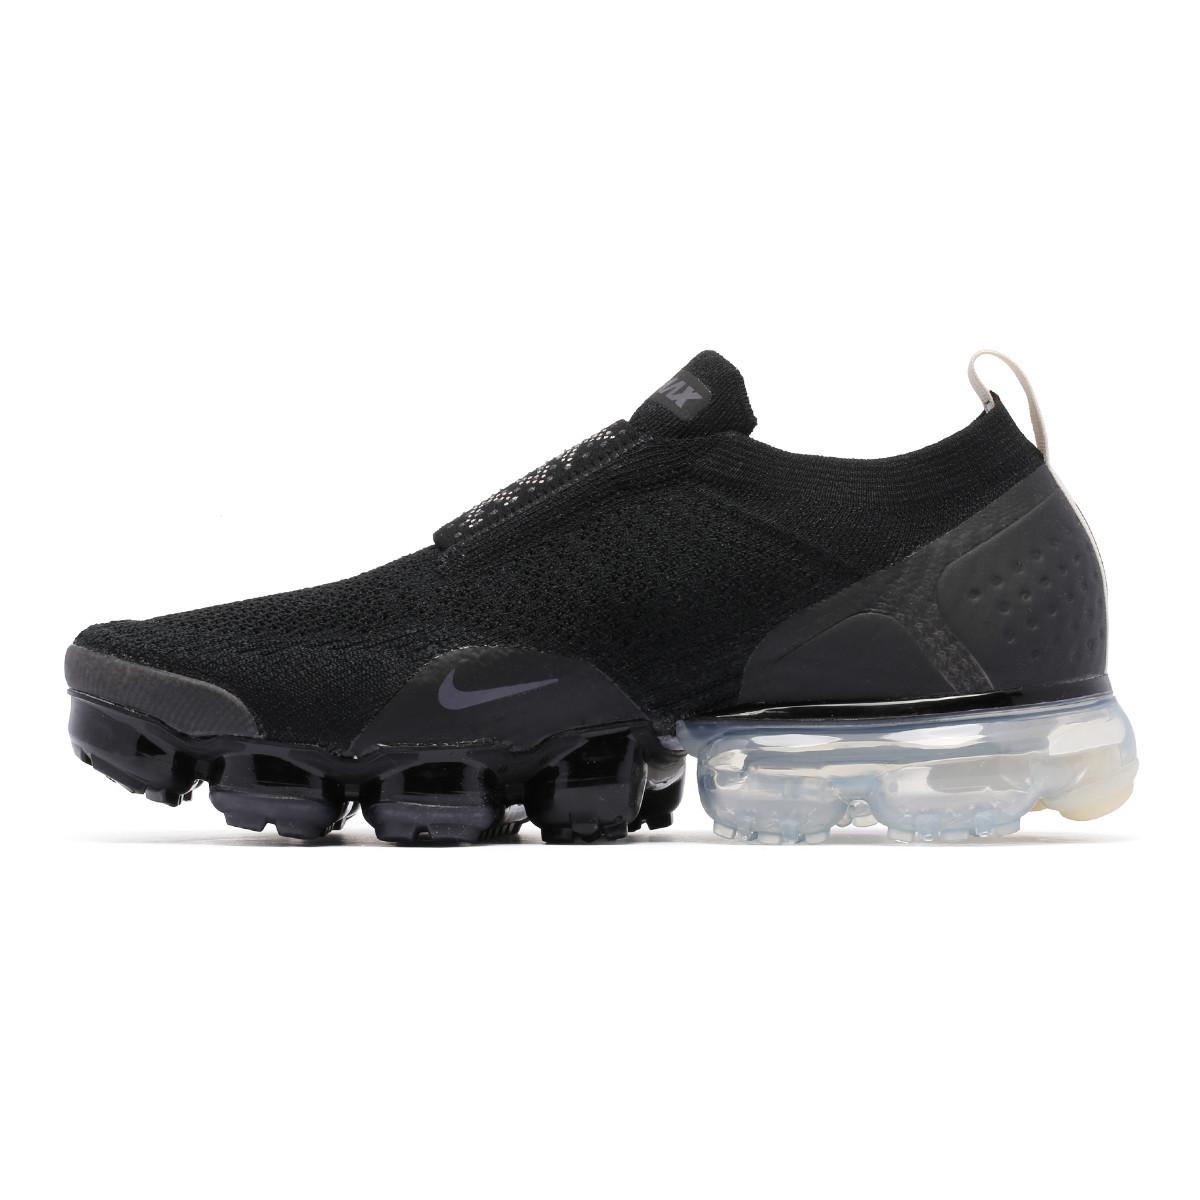 9f7e31366184a Nike Air VaporMax Moc 2 (Black  Light Cream  White Thunder Grey) Men